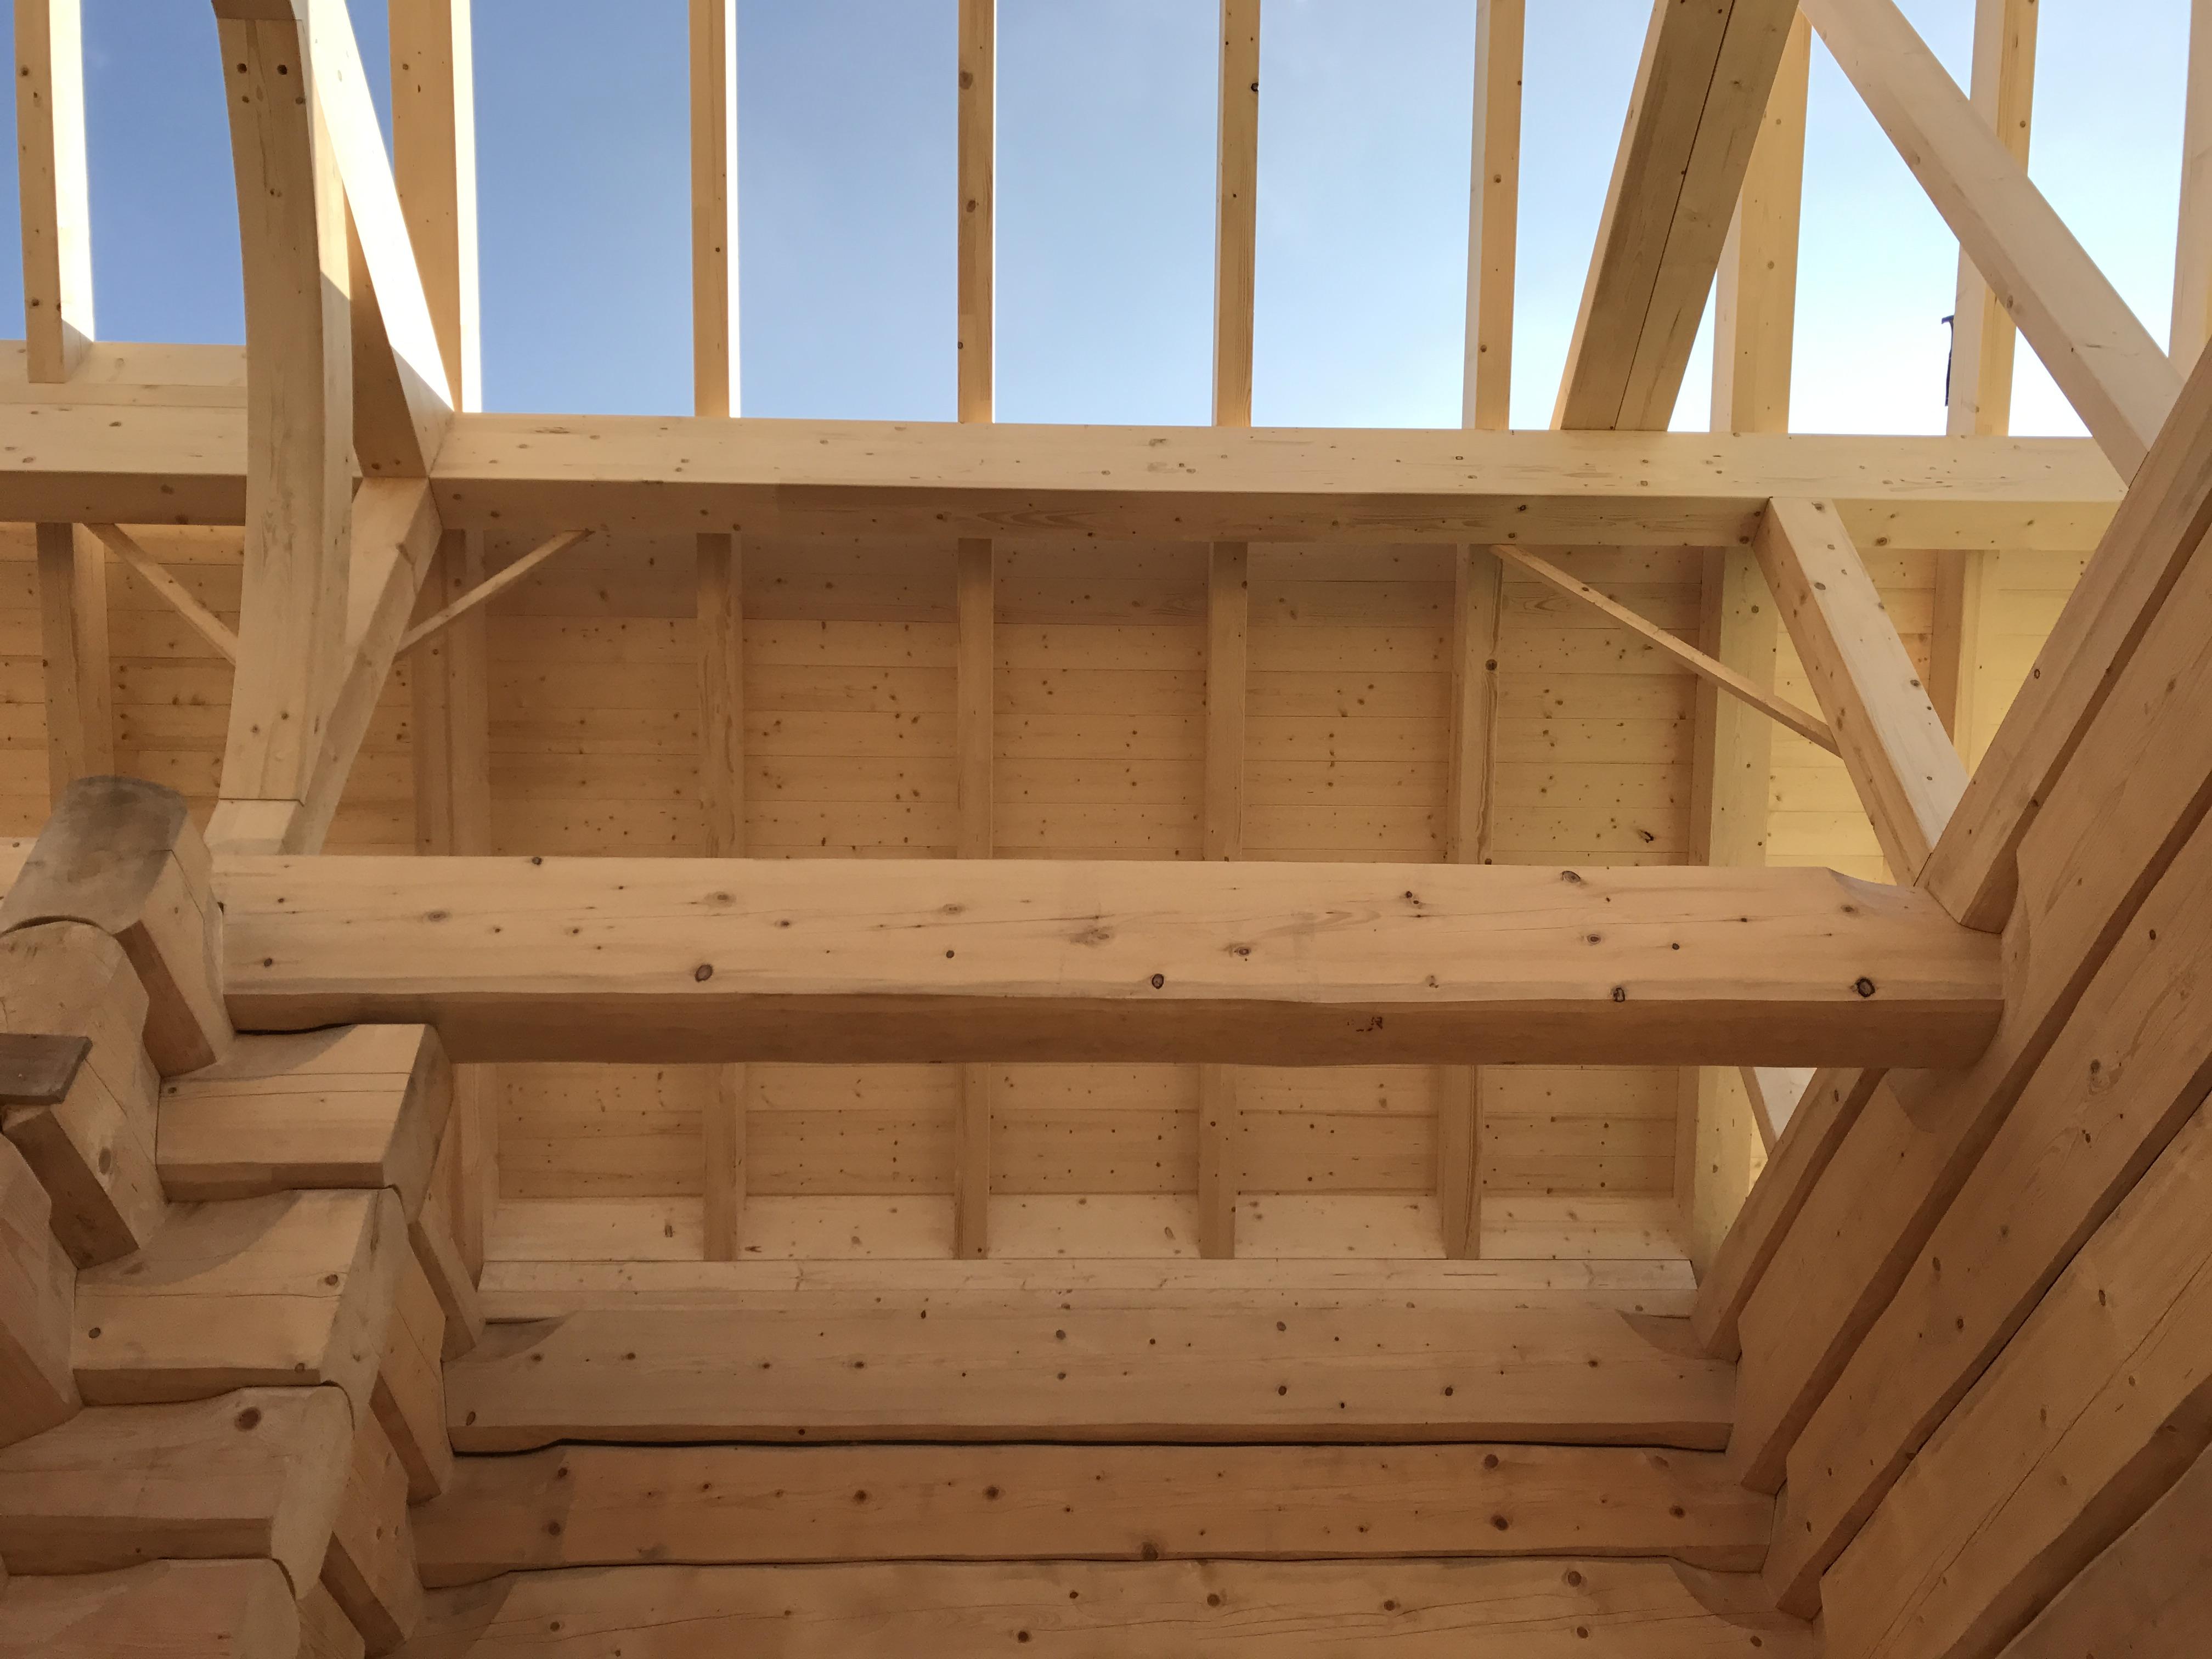 Dachstuhl auf Blockhaus